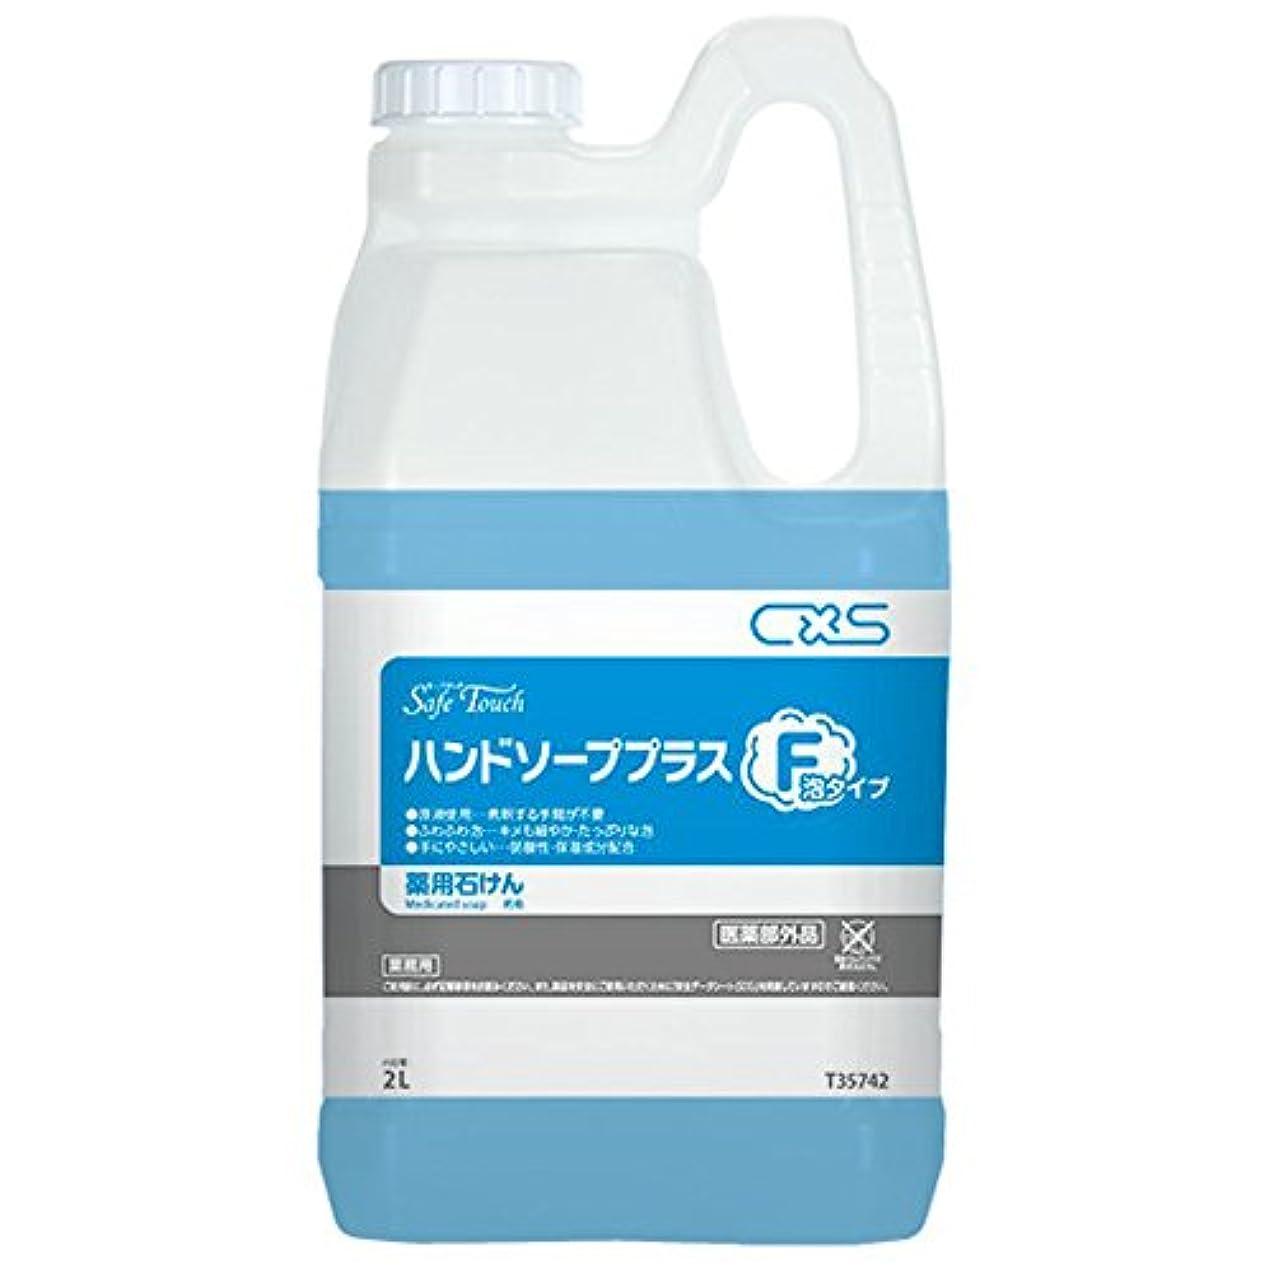 アラスカコンピューター同化するシーバイエス(C×S) 殺菌?消毒用手洗い石けん セーフタッチハンドソーププラスF 2L